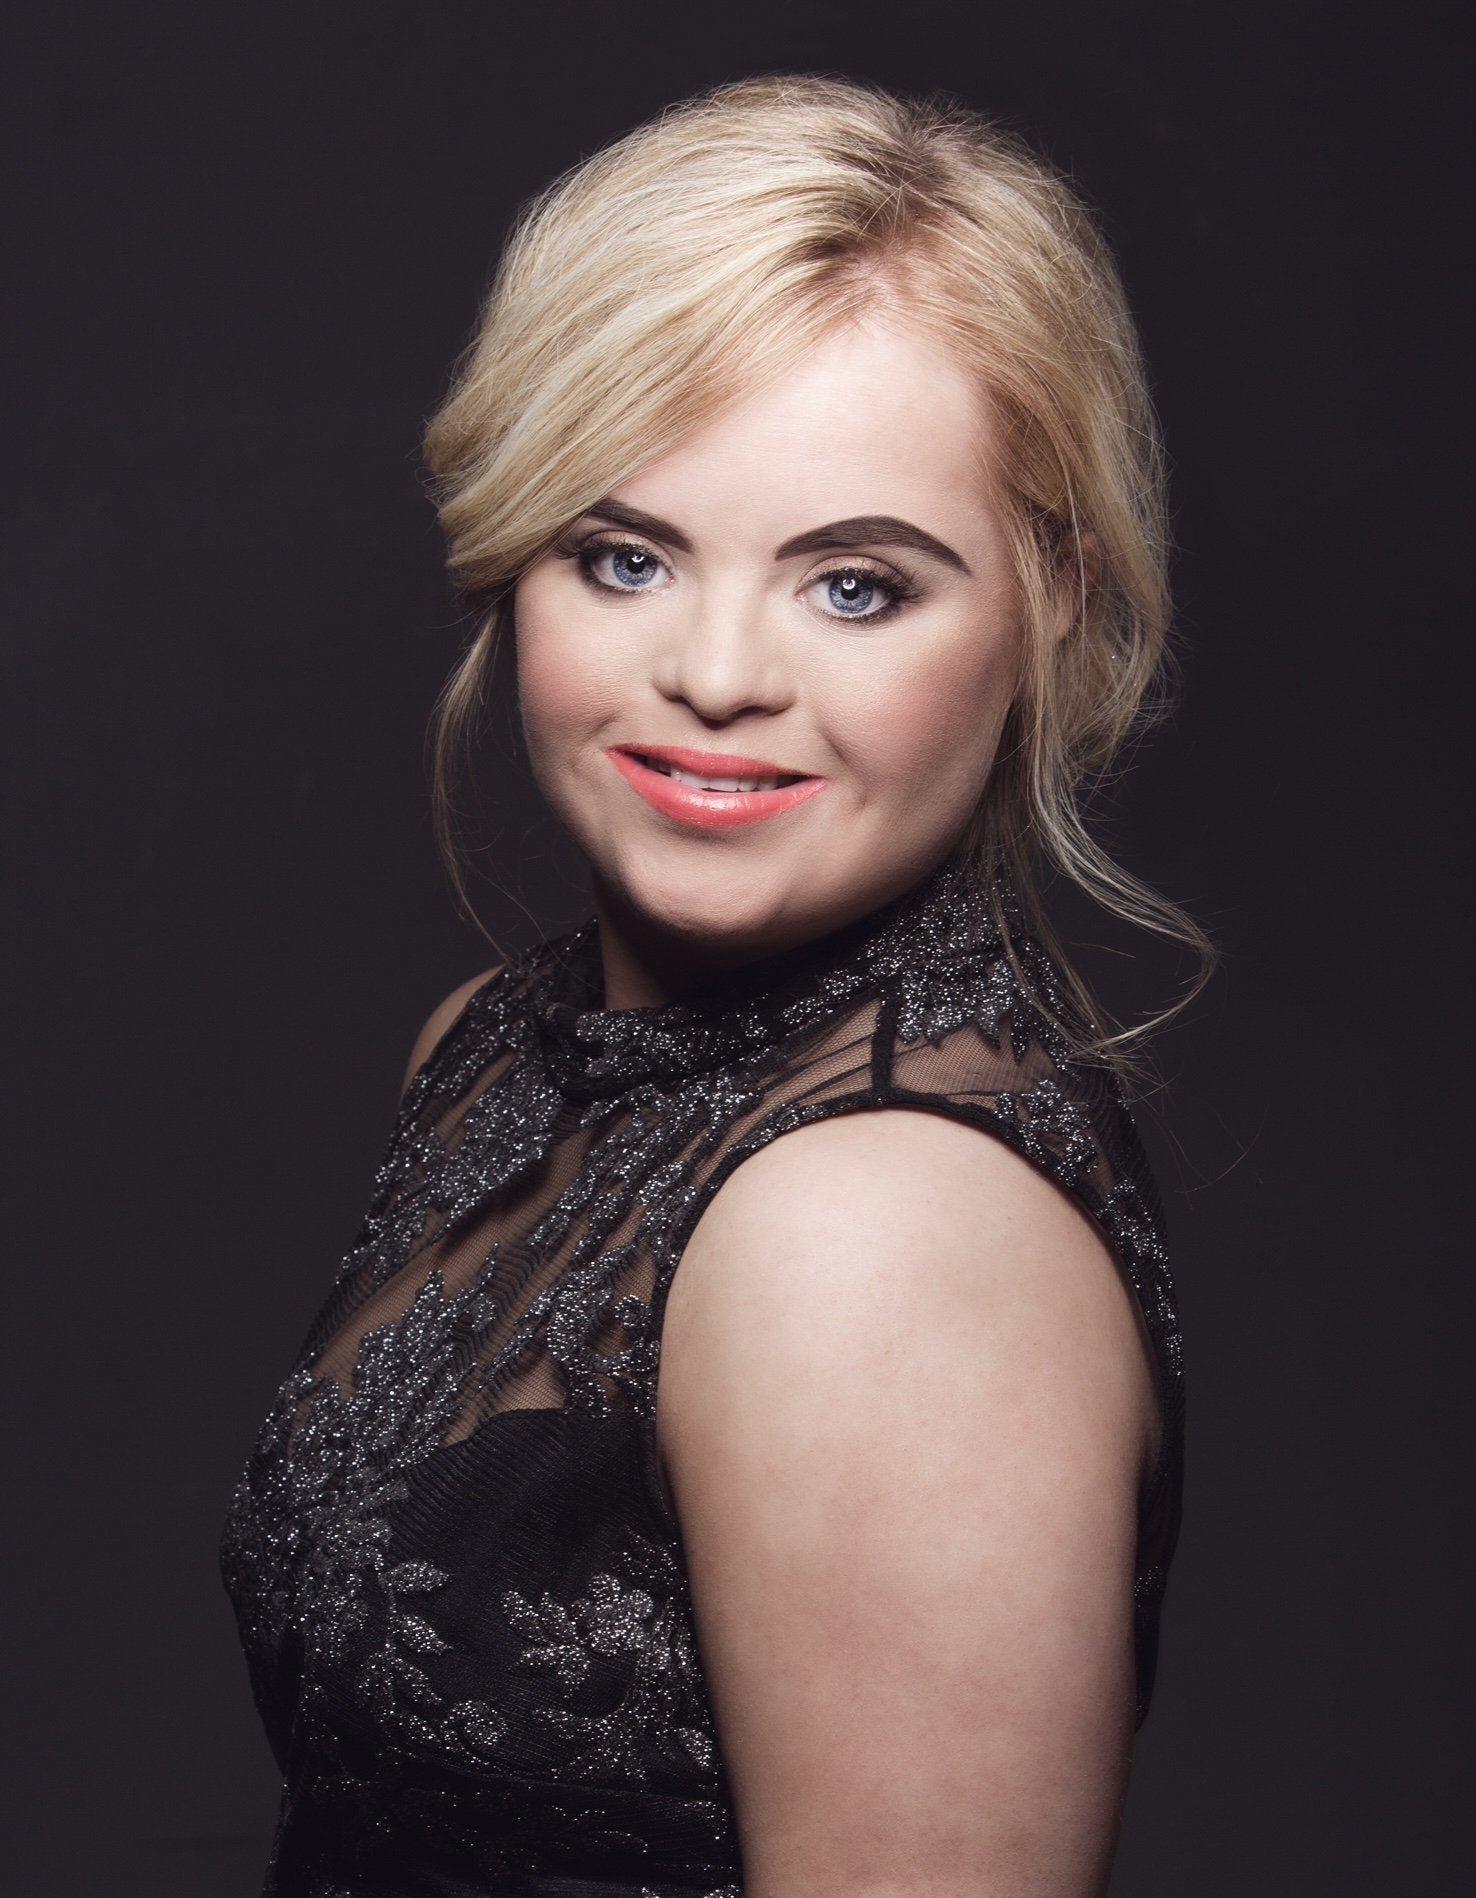 Cette jeune fille atteinte de trisomie 21 devient l'égérie d'une grande marque de cosmétiques